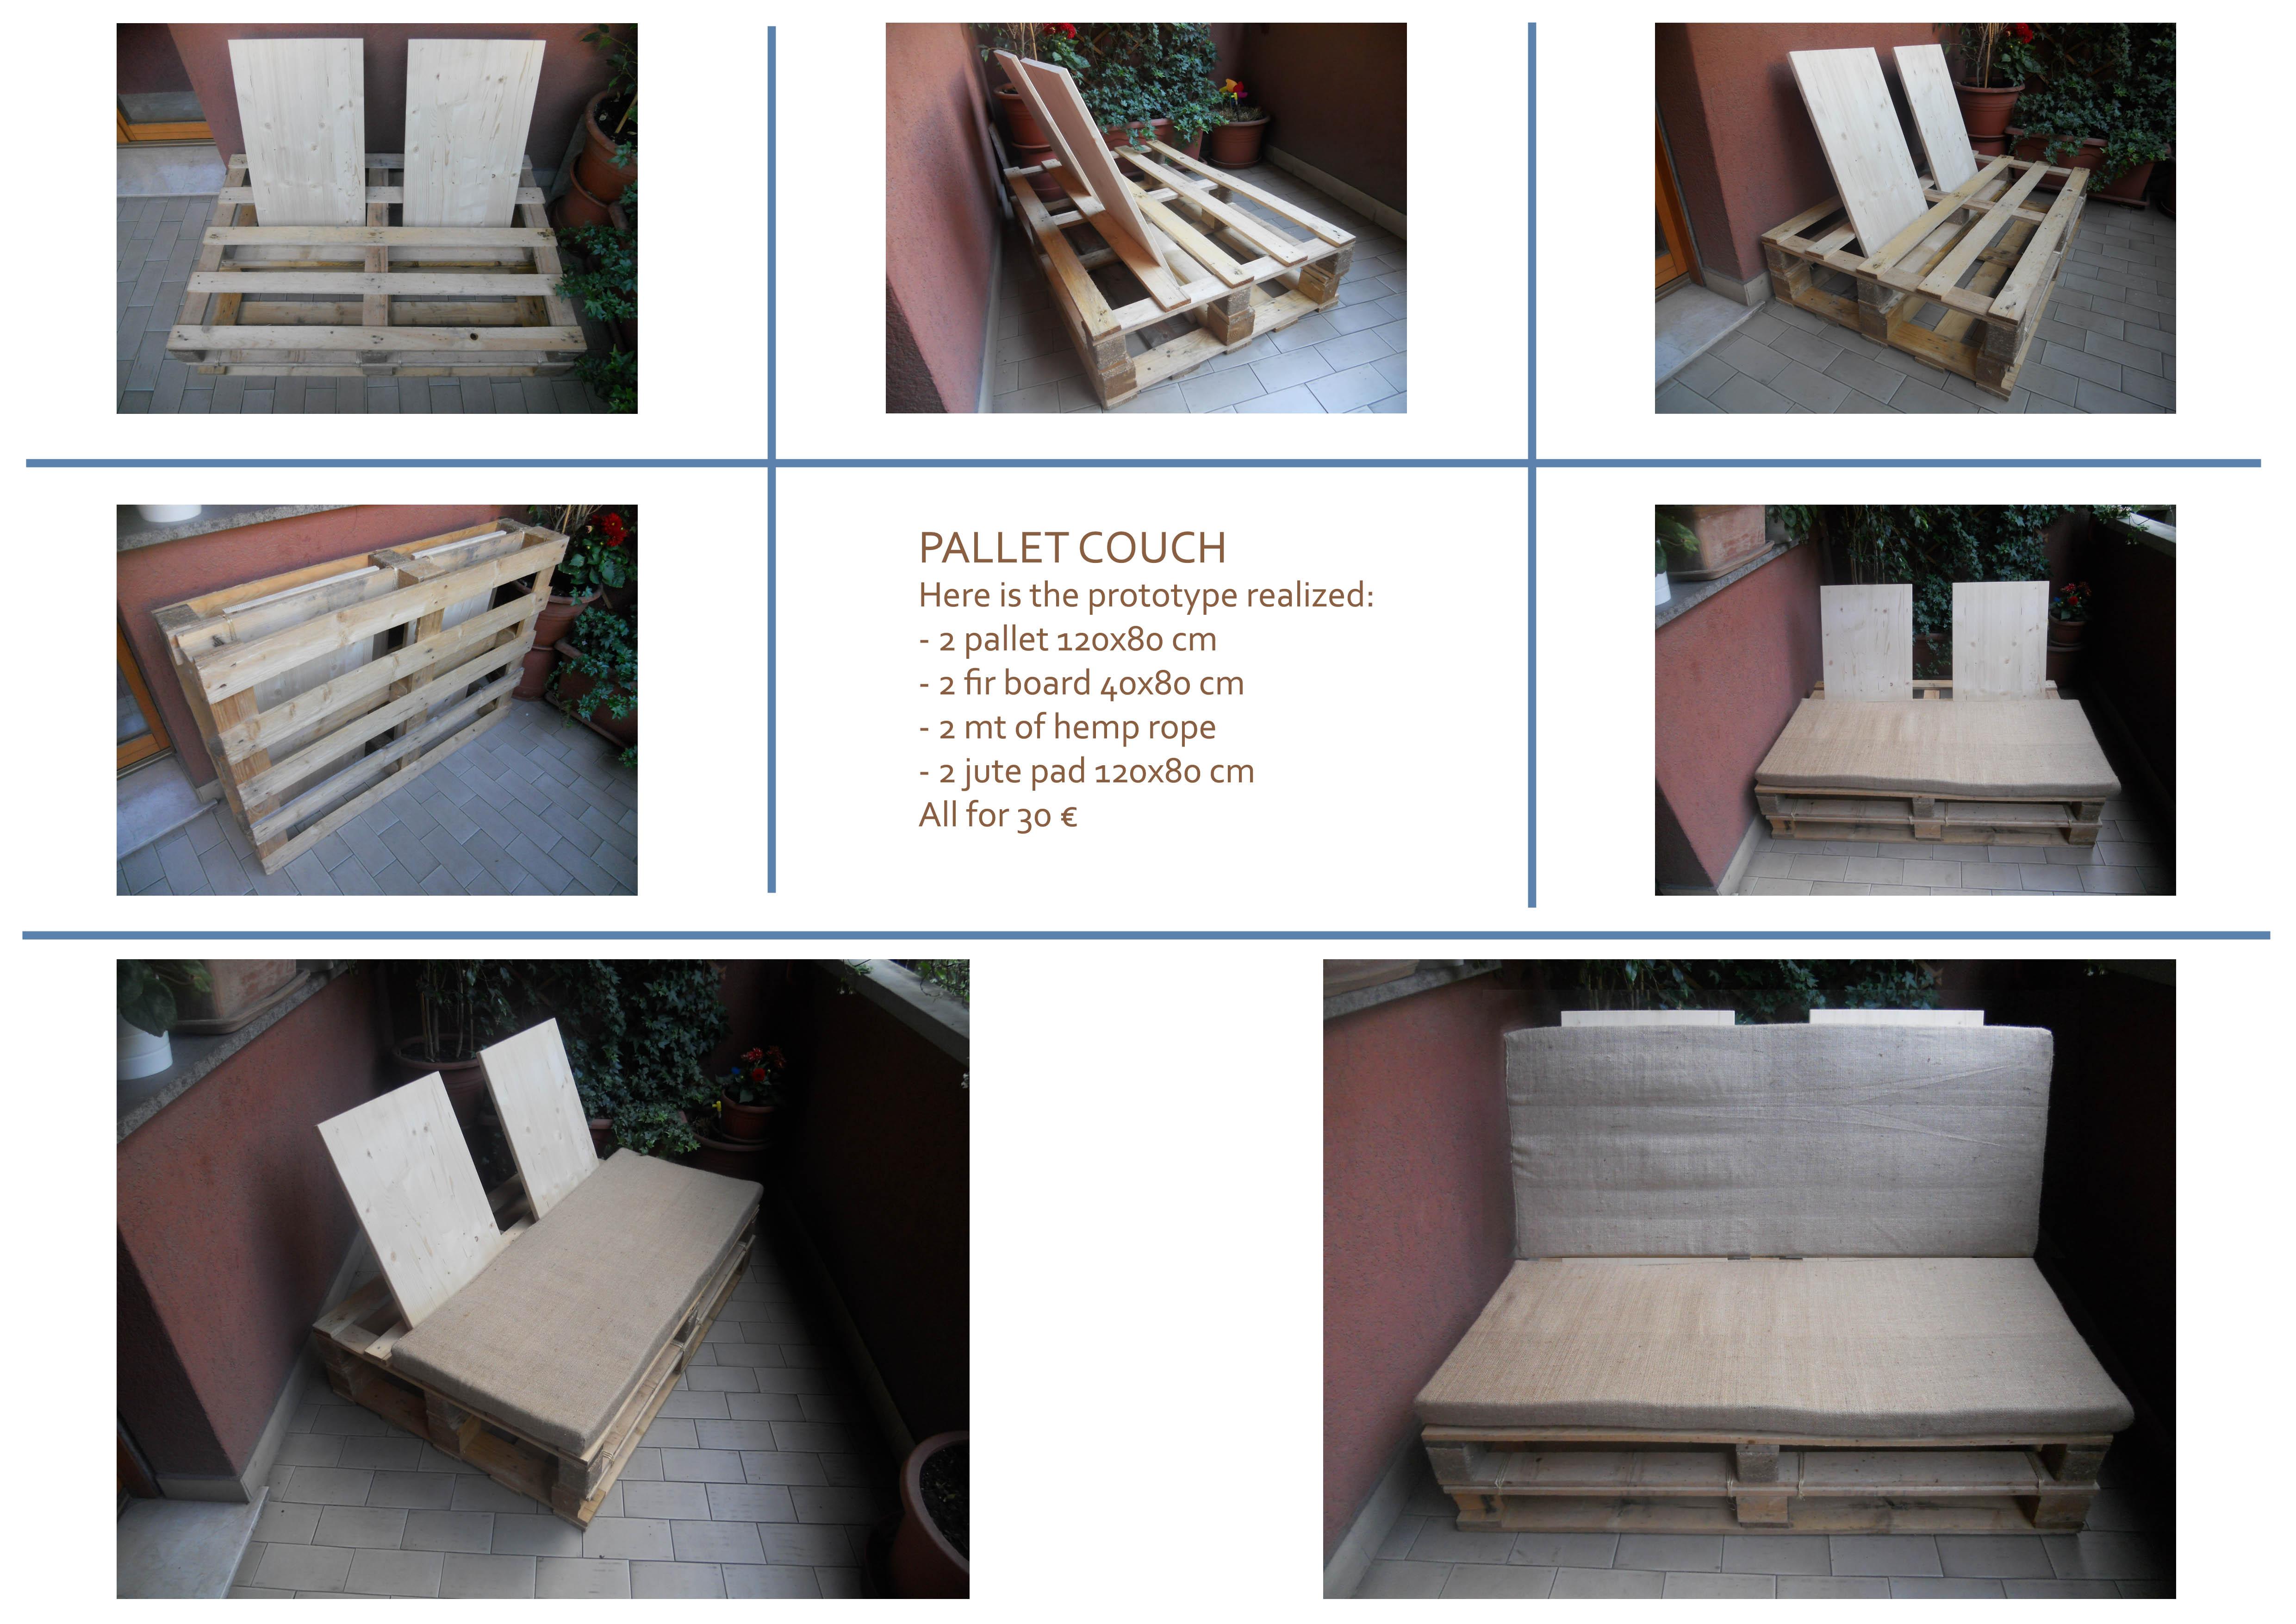 5-pallet-couch-furniture-by-piero-ceratti | Home Interior Design ...